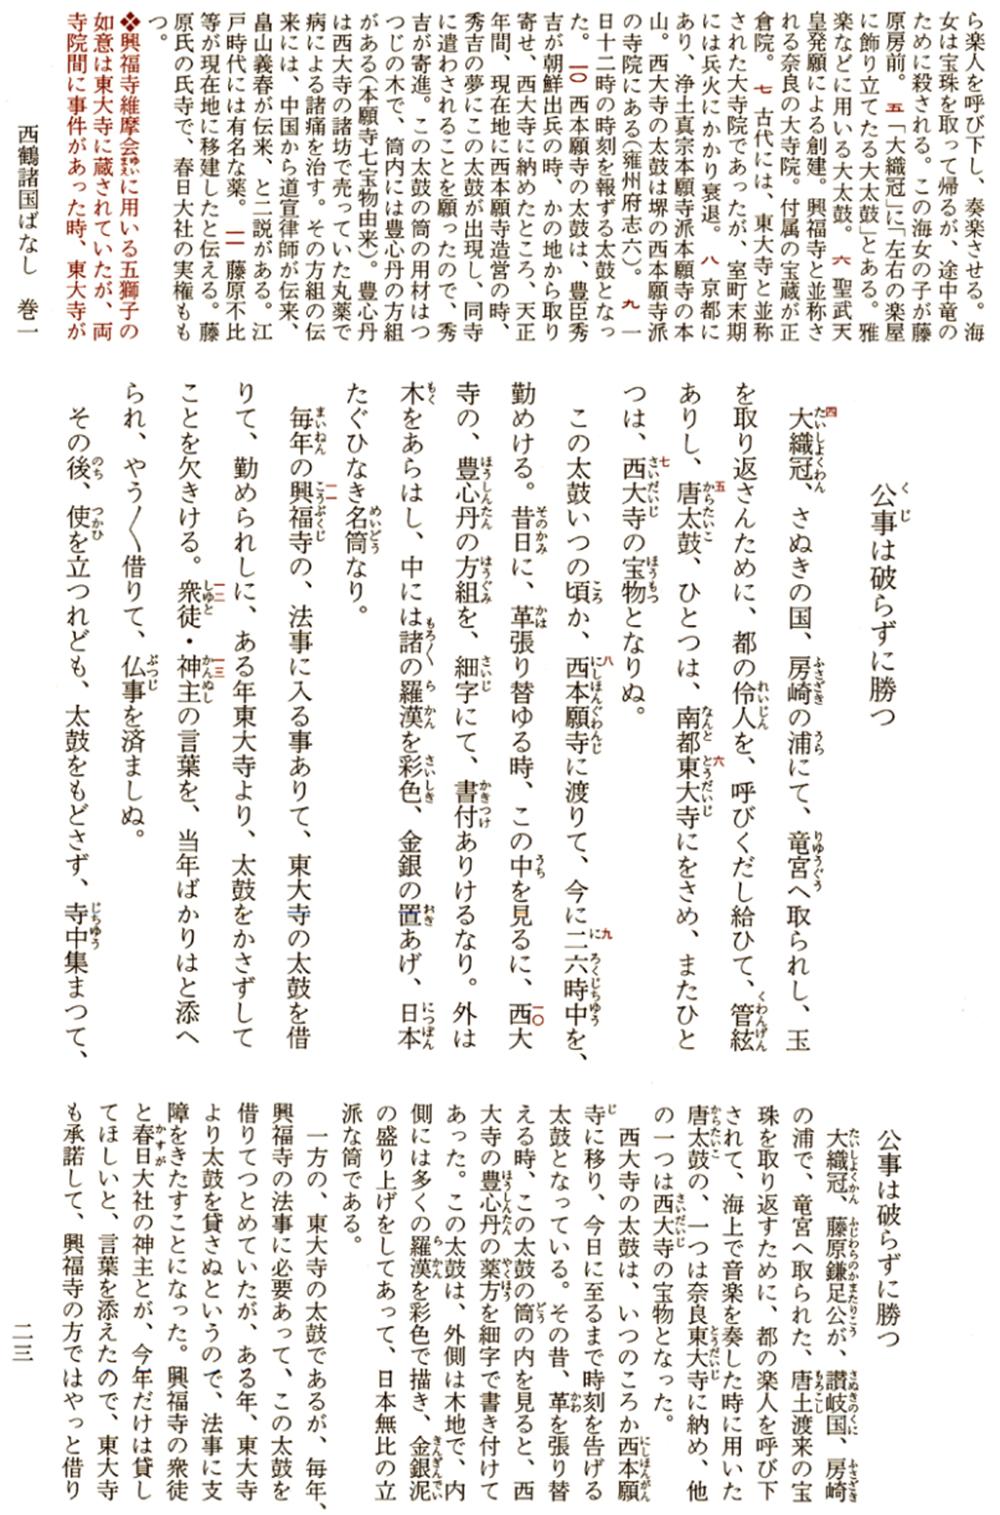 西鶴諸国ばなし(井原西鶴集)